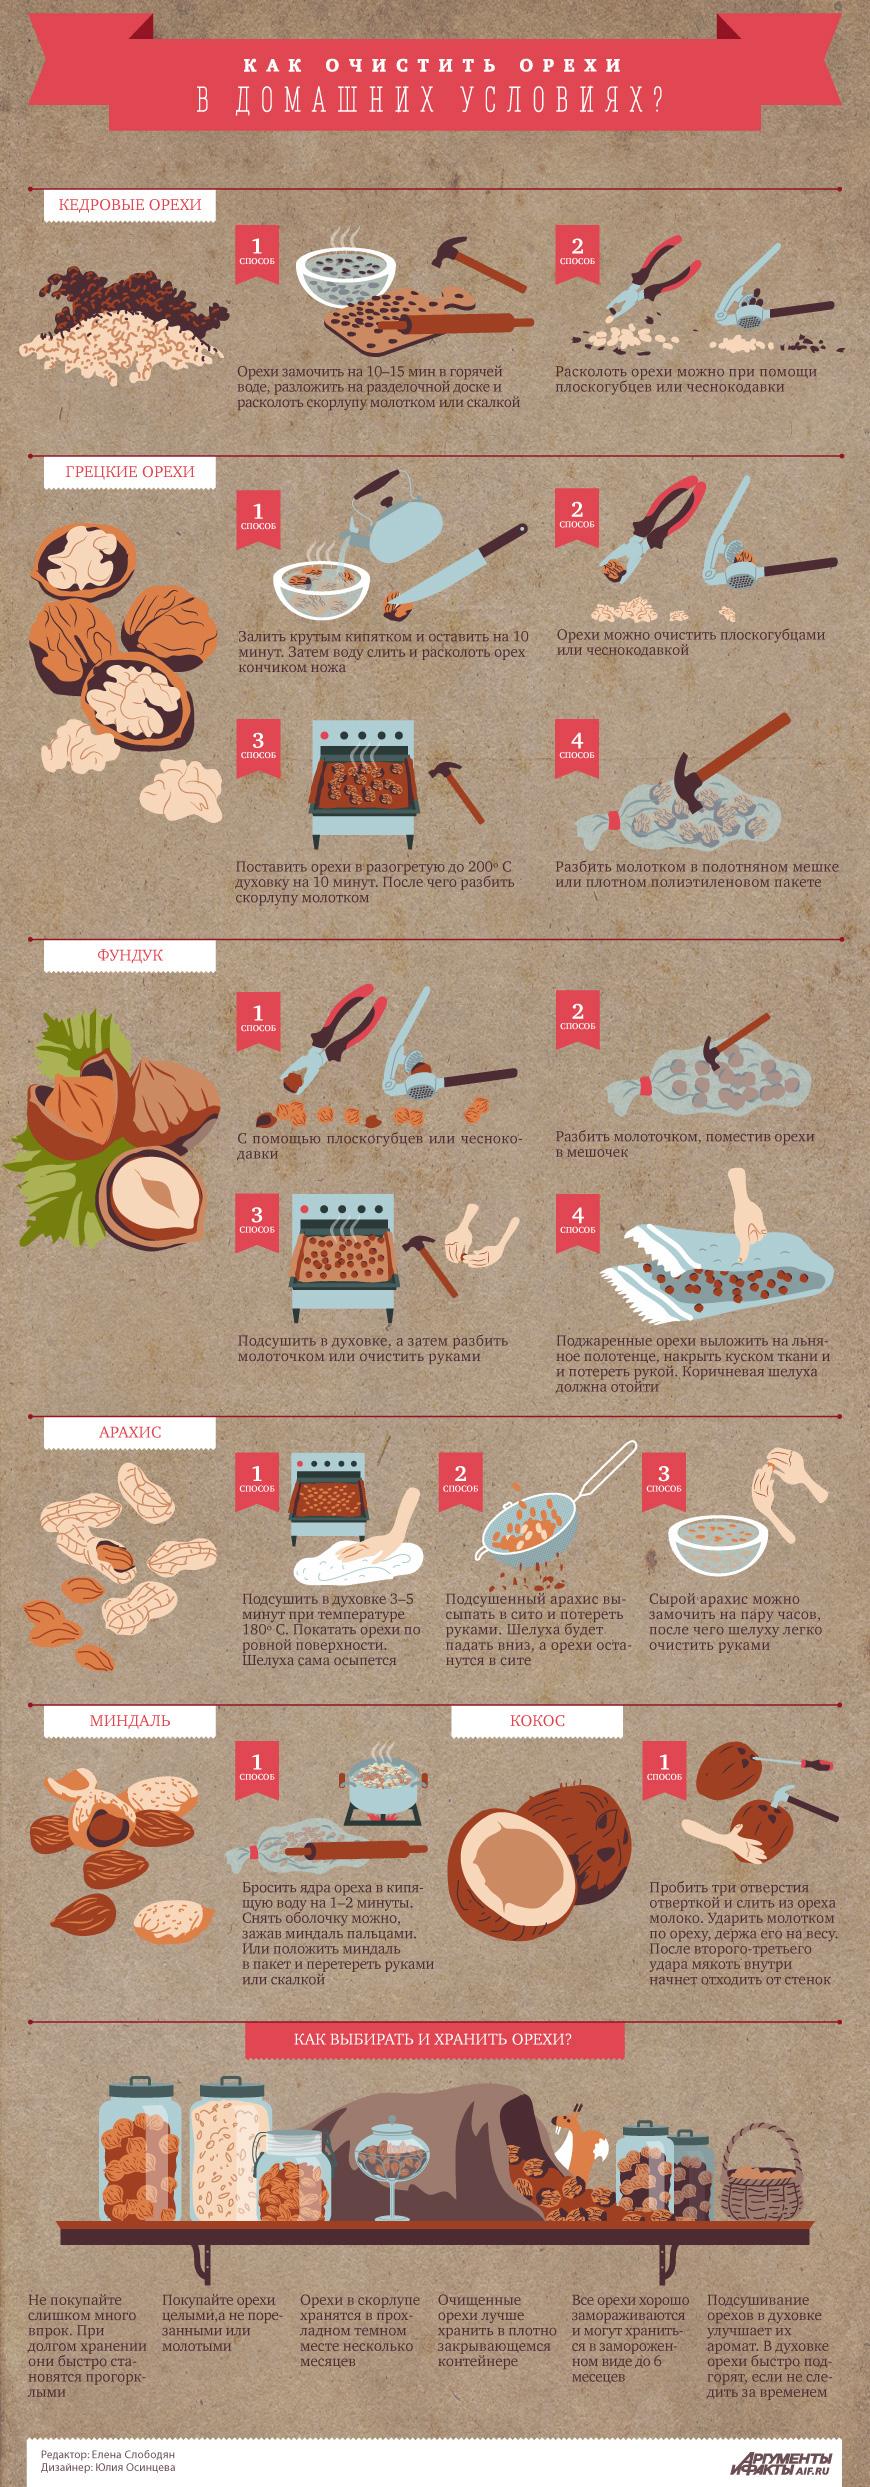 Как очистить орехи в домашних условиях